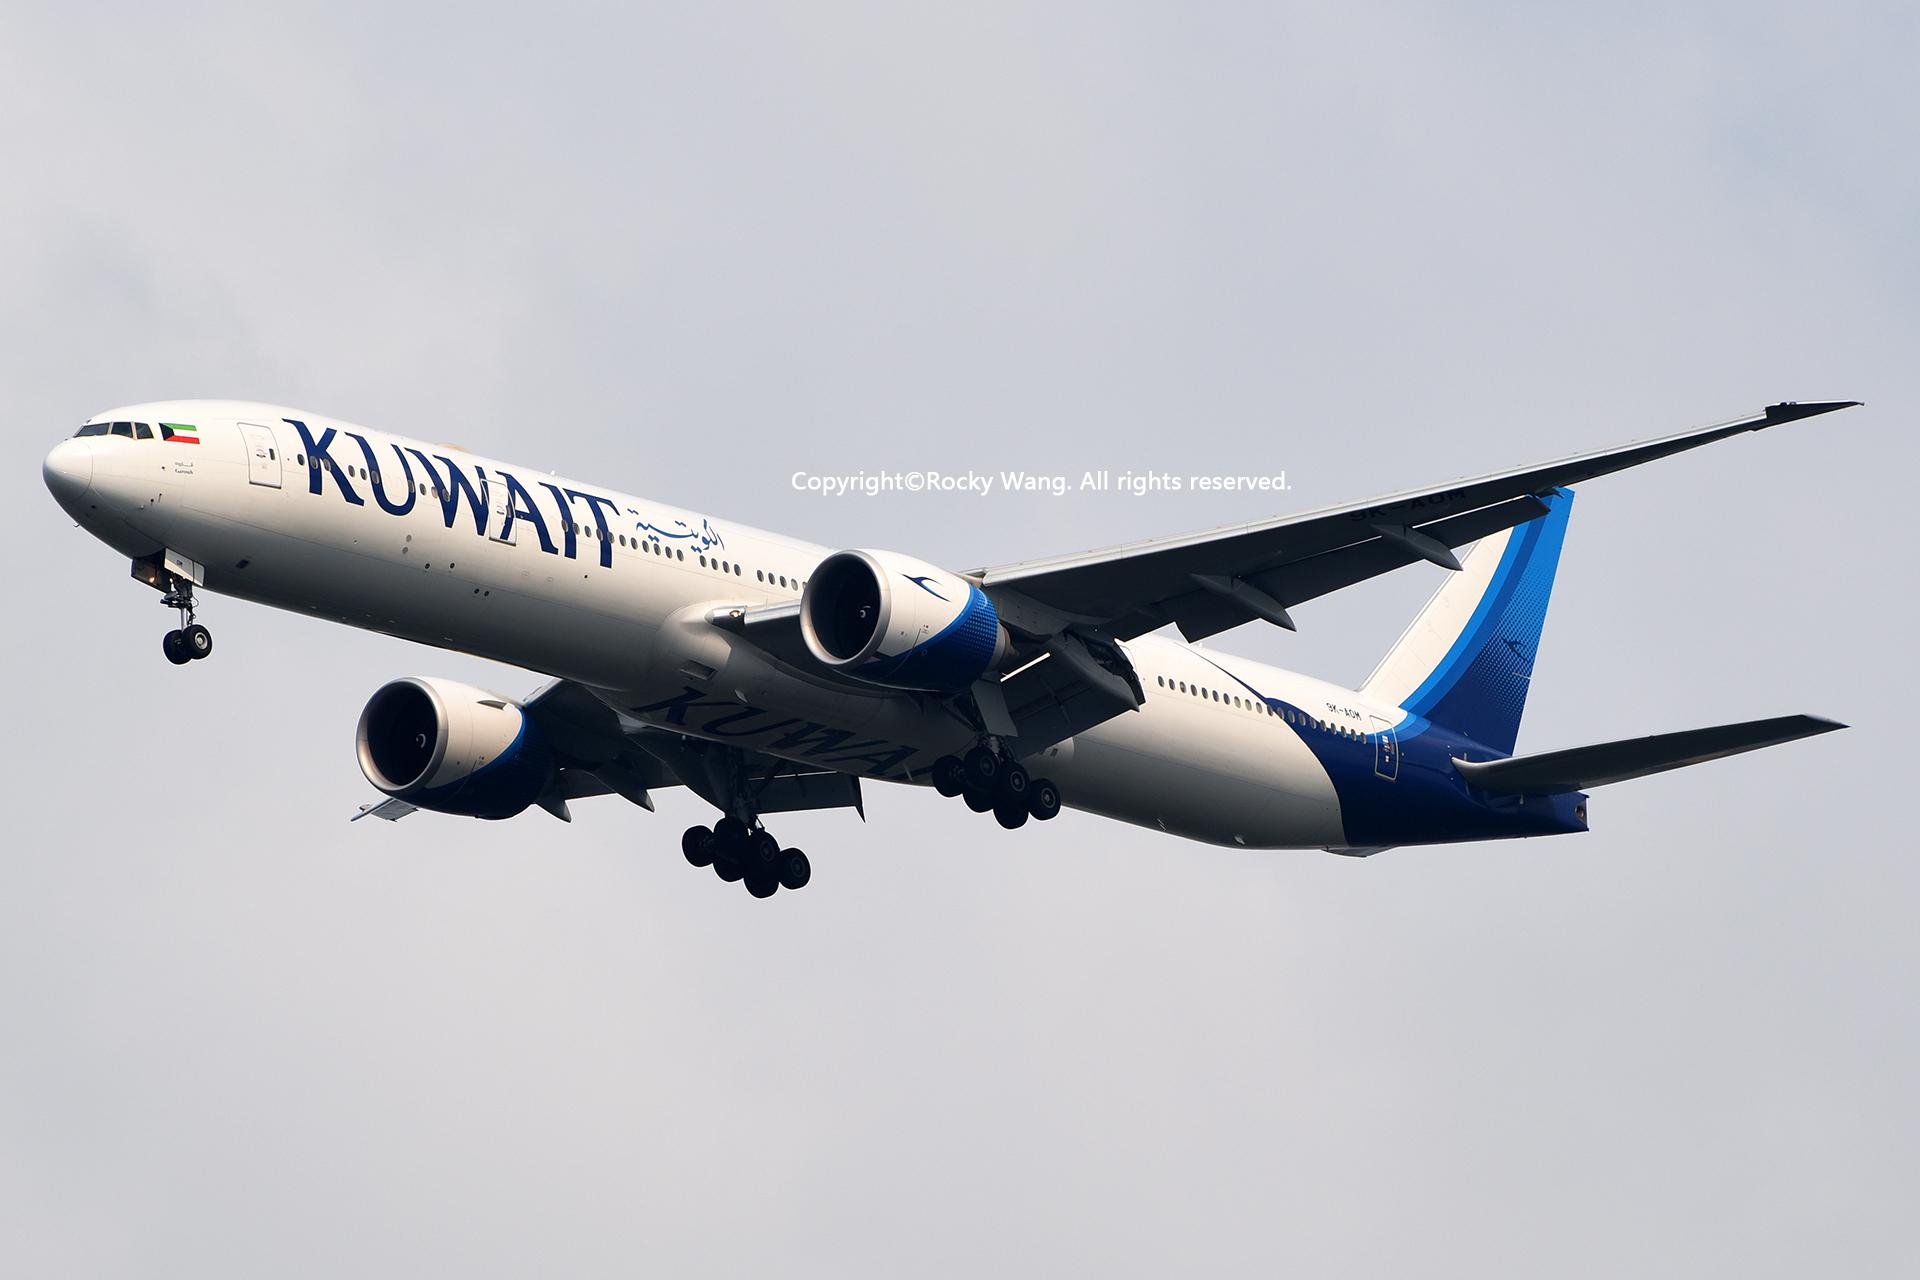 Re:[原创]居家了 批量处理老图 倾情奉献52家777 BOEING 777-369ER 9K-AOM Bangkok Suvarnabhumi Int'l